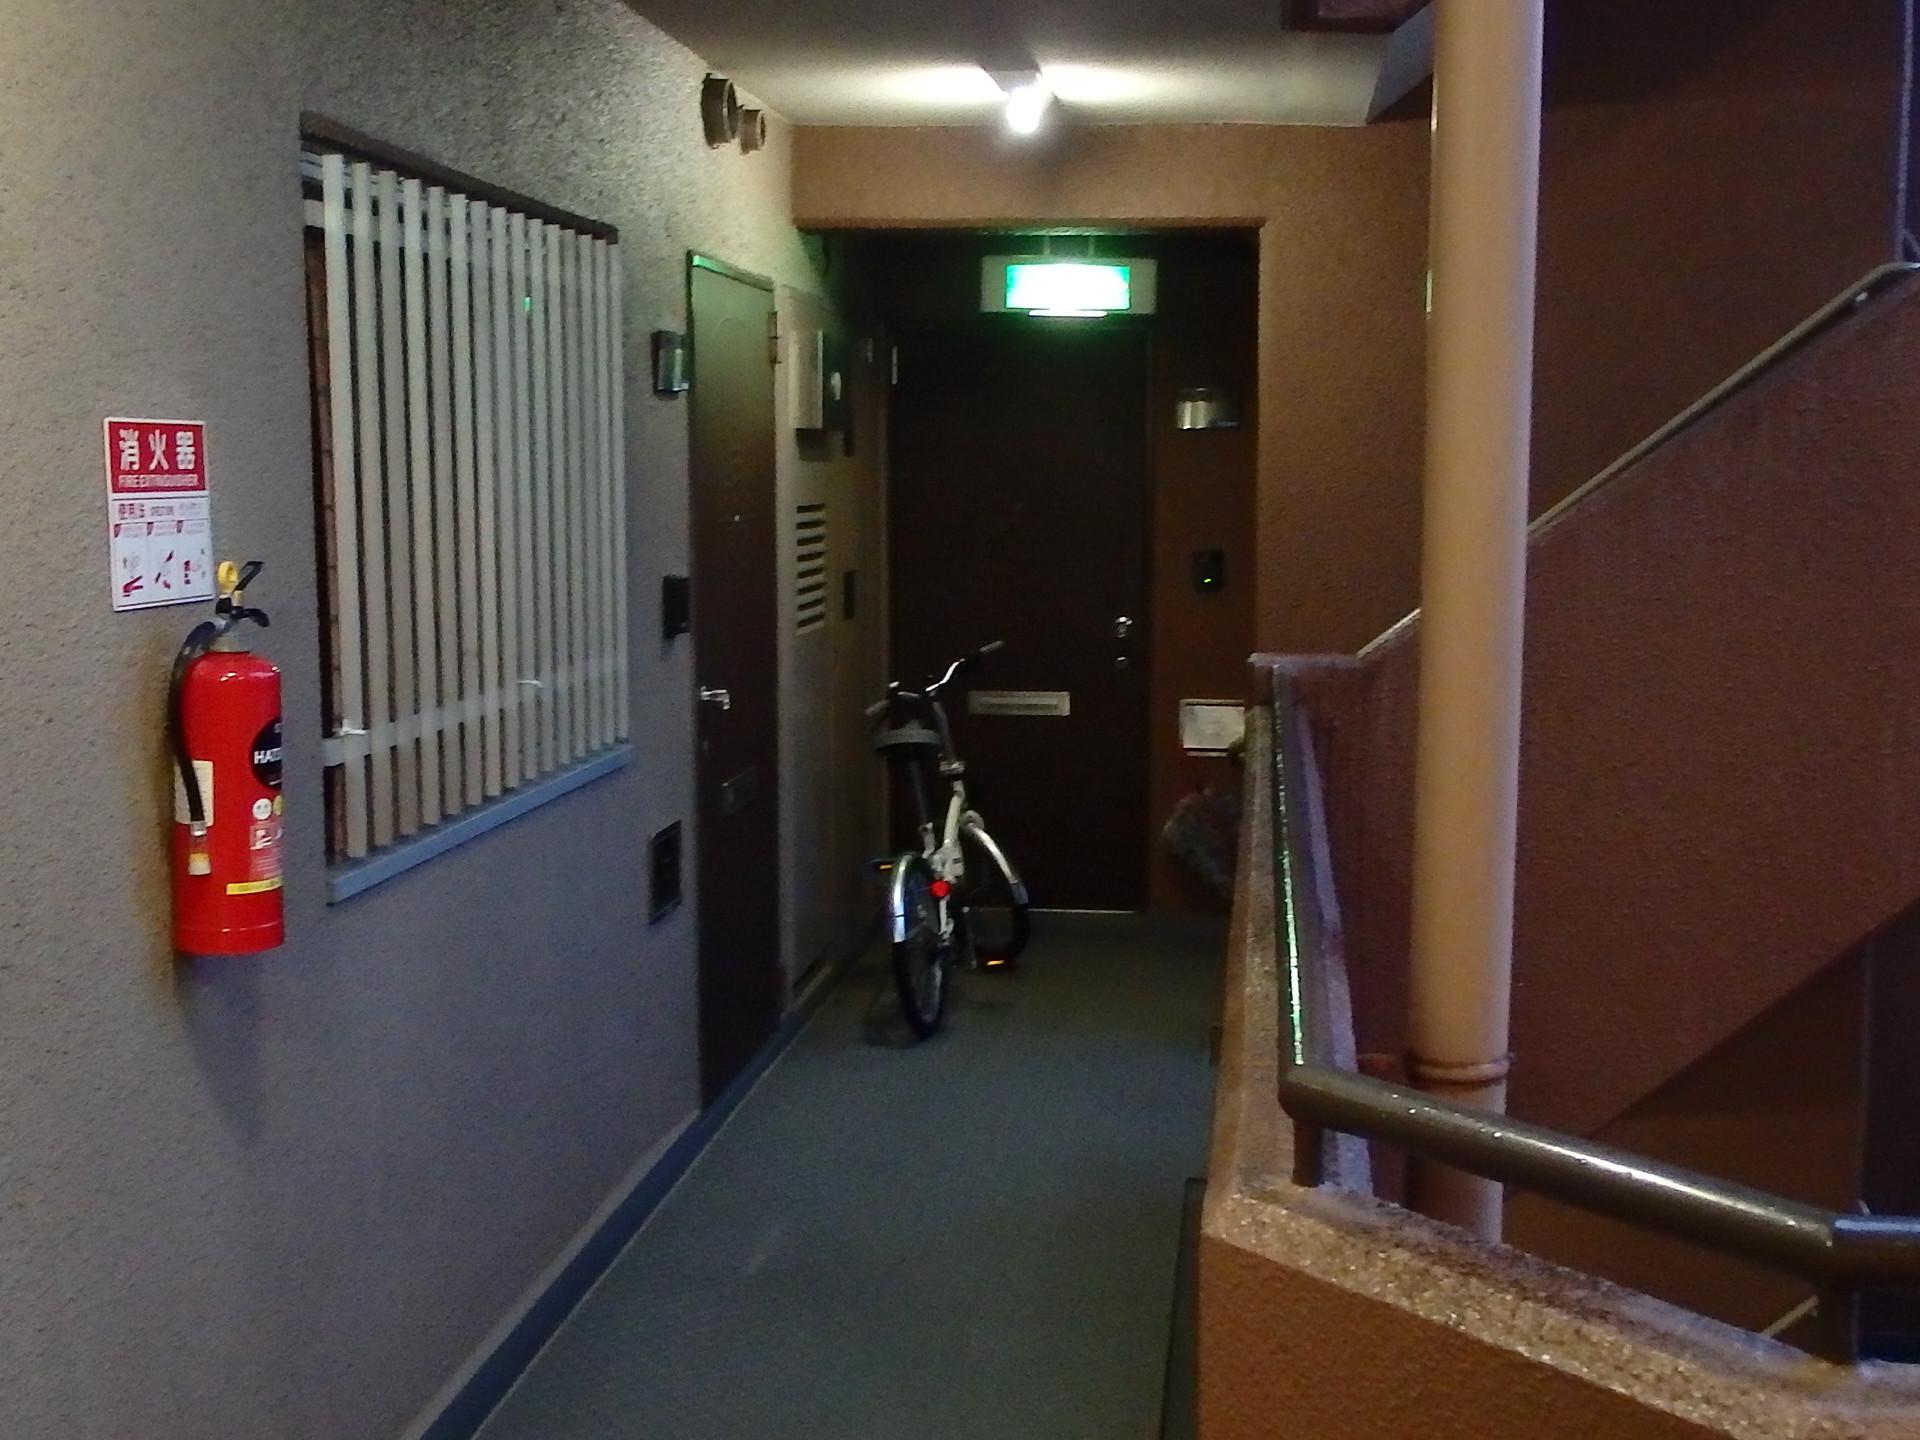 マンションの共用部分に自転車を置く者が居ます。